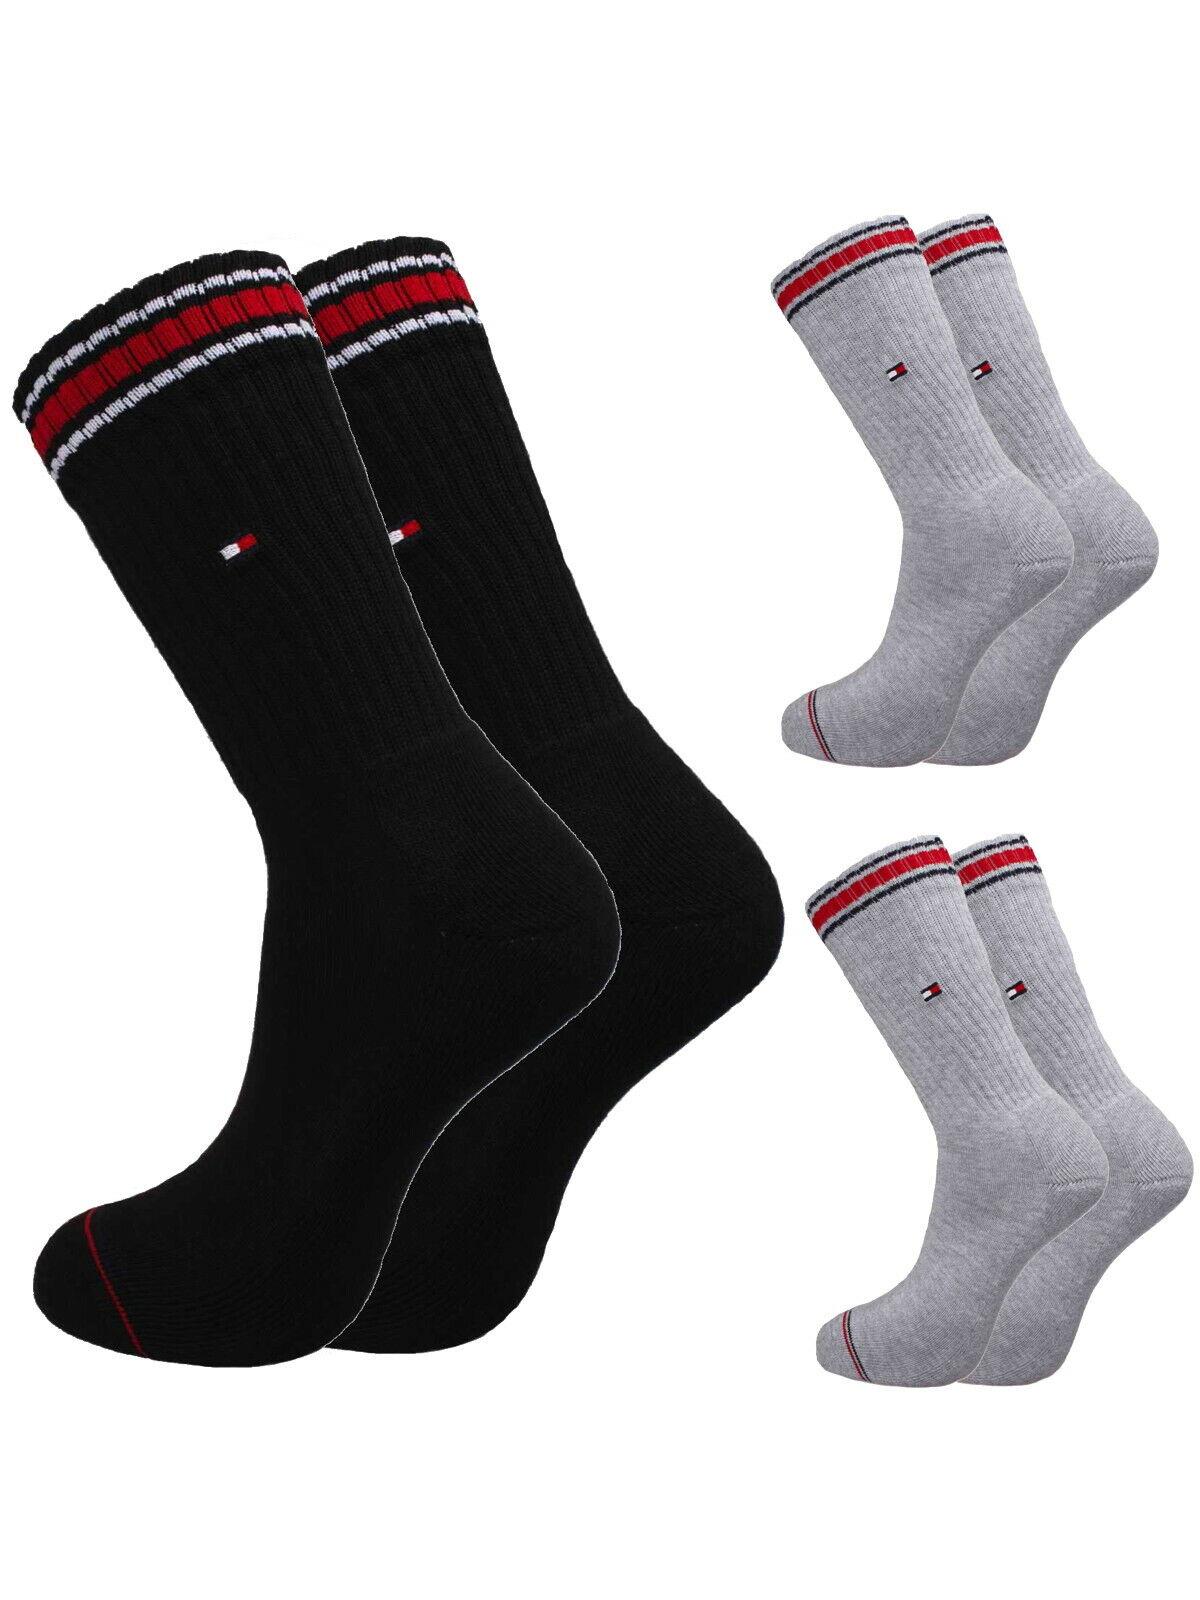 Tommy Hilfiger Herren Sport-Socken Strümpfe 2er-Pack in drei Farben mit Logo